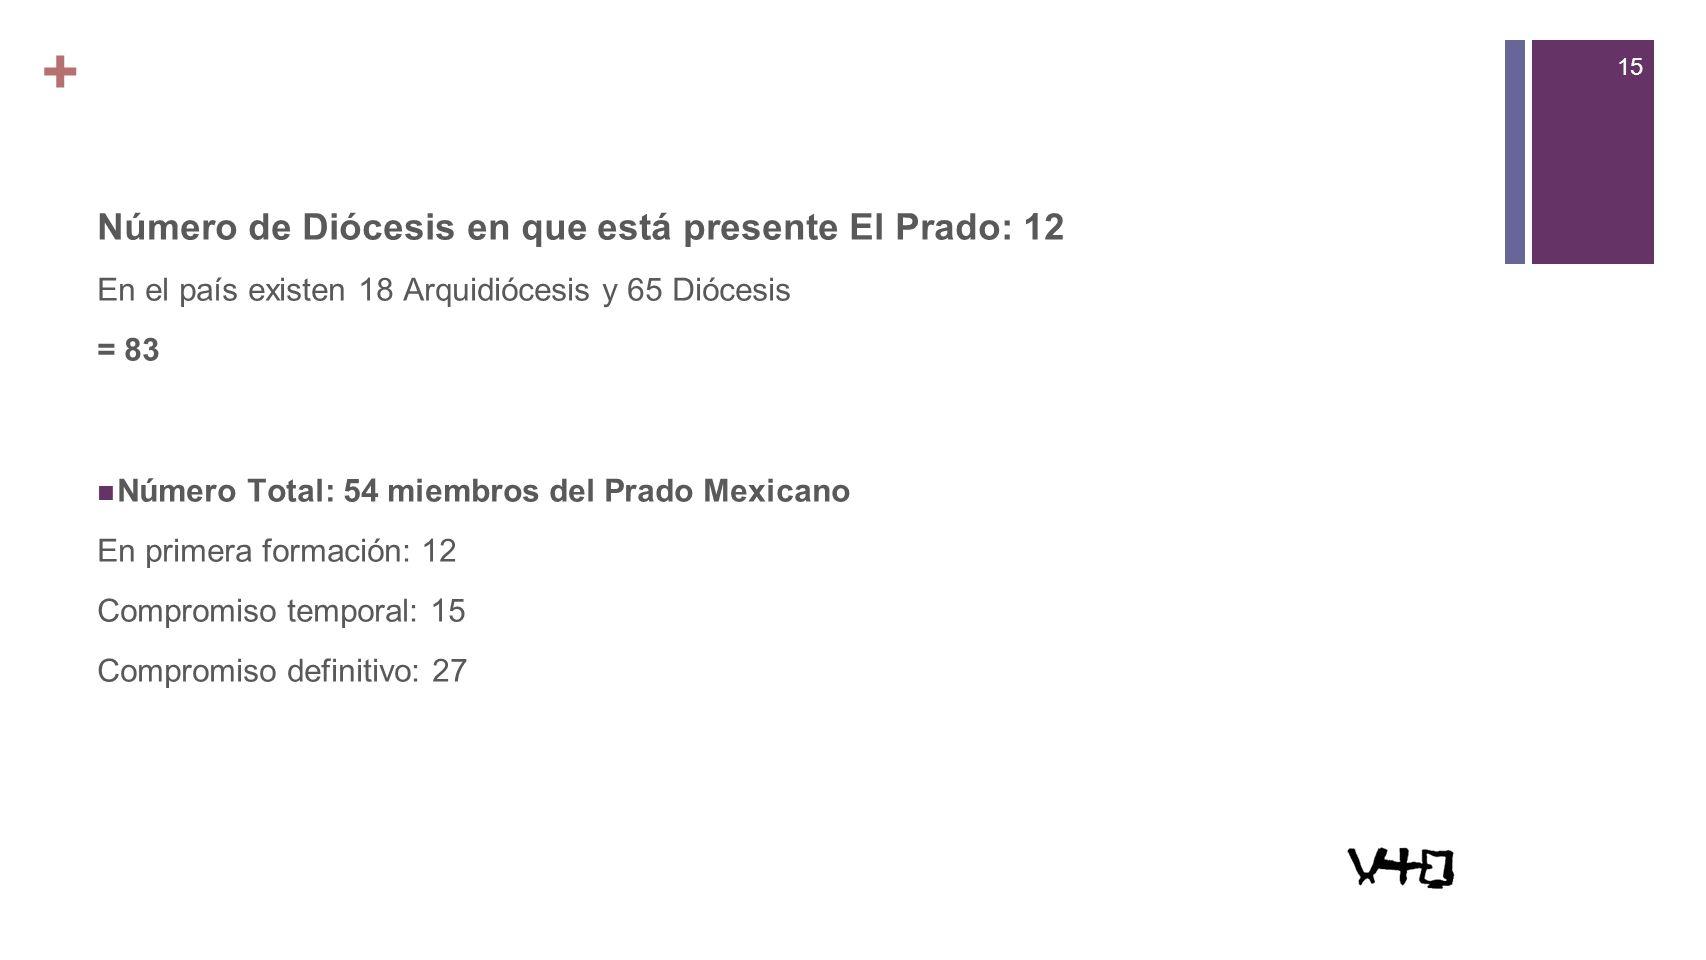 15 + Número de Diócesis en que está presente El Prado: 12 En el país existen 18 Arquidiócesis y 65 Diócesis = 83 Número Total: 54 miembros del Prado Mexicano En primera formación: 12 Compromiso temporal: 15 Compromiso definitivo: 27